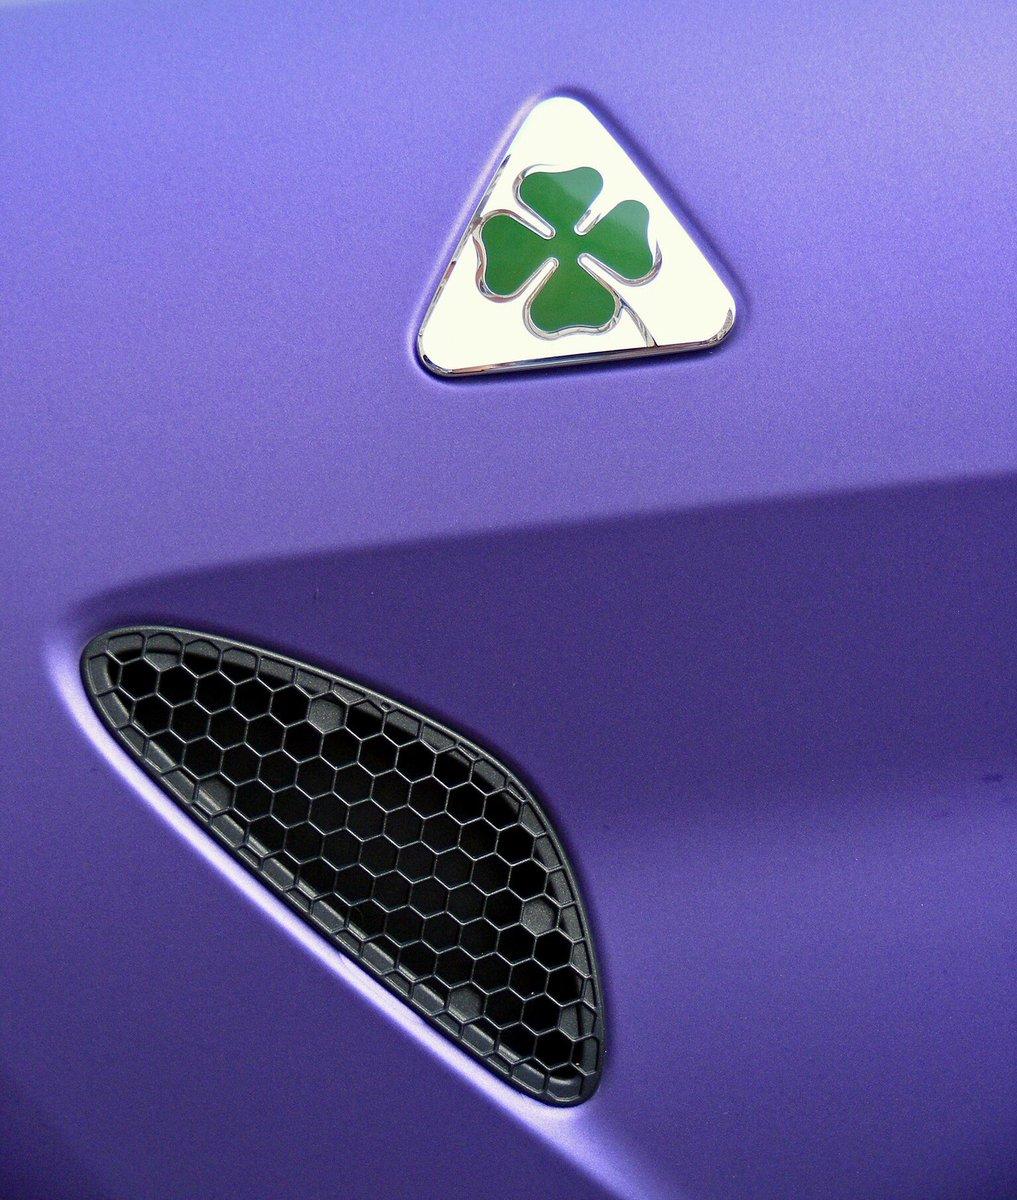 Italian Stallion. #purplization #AlfaRomeo #Giulia #Quadrifoglio #GargashAlfa @ShehabMrG @GargashMotors @F1sasha @ArnoldChatzCars @gumball3000 #gumball3000 #gumballlife